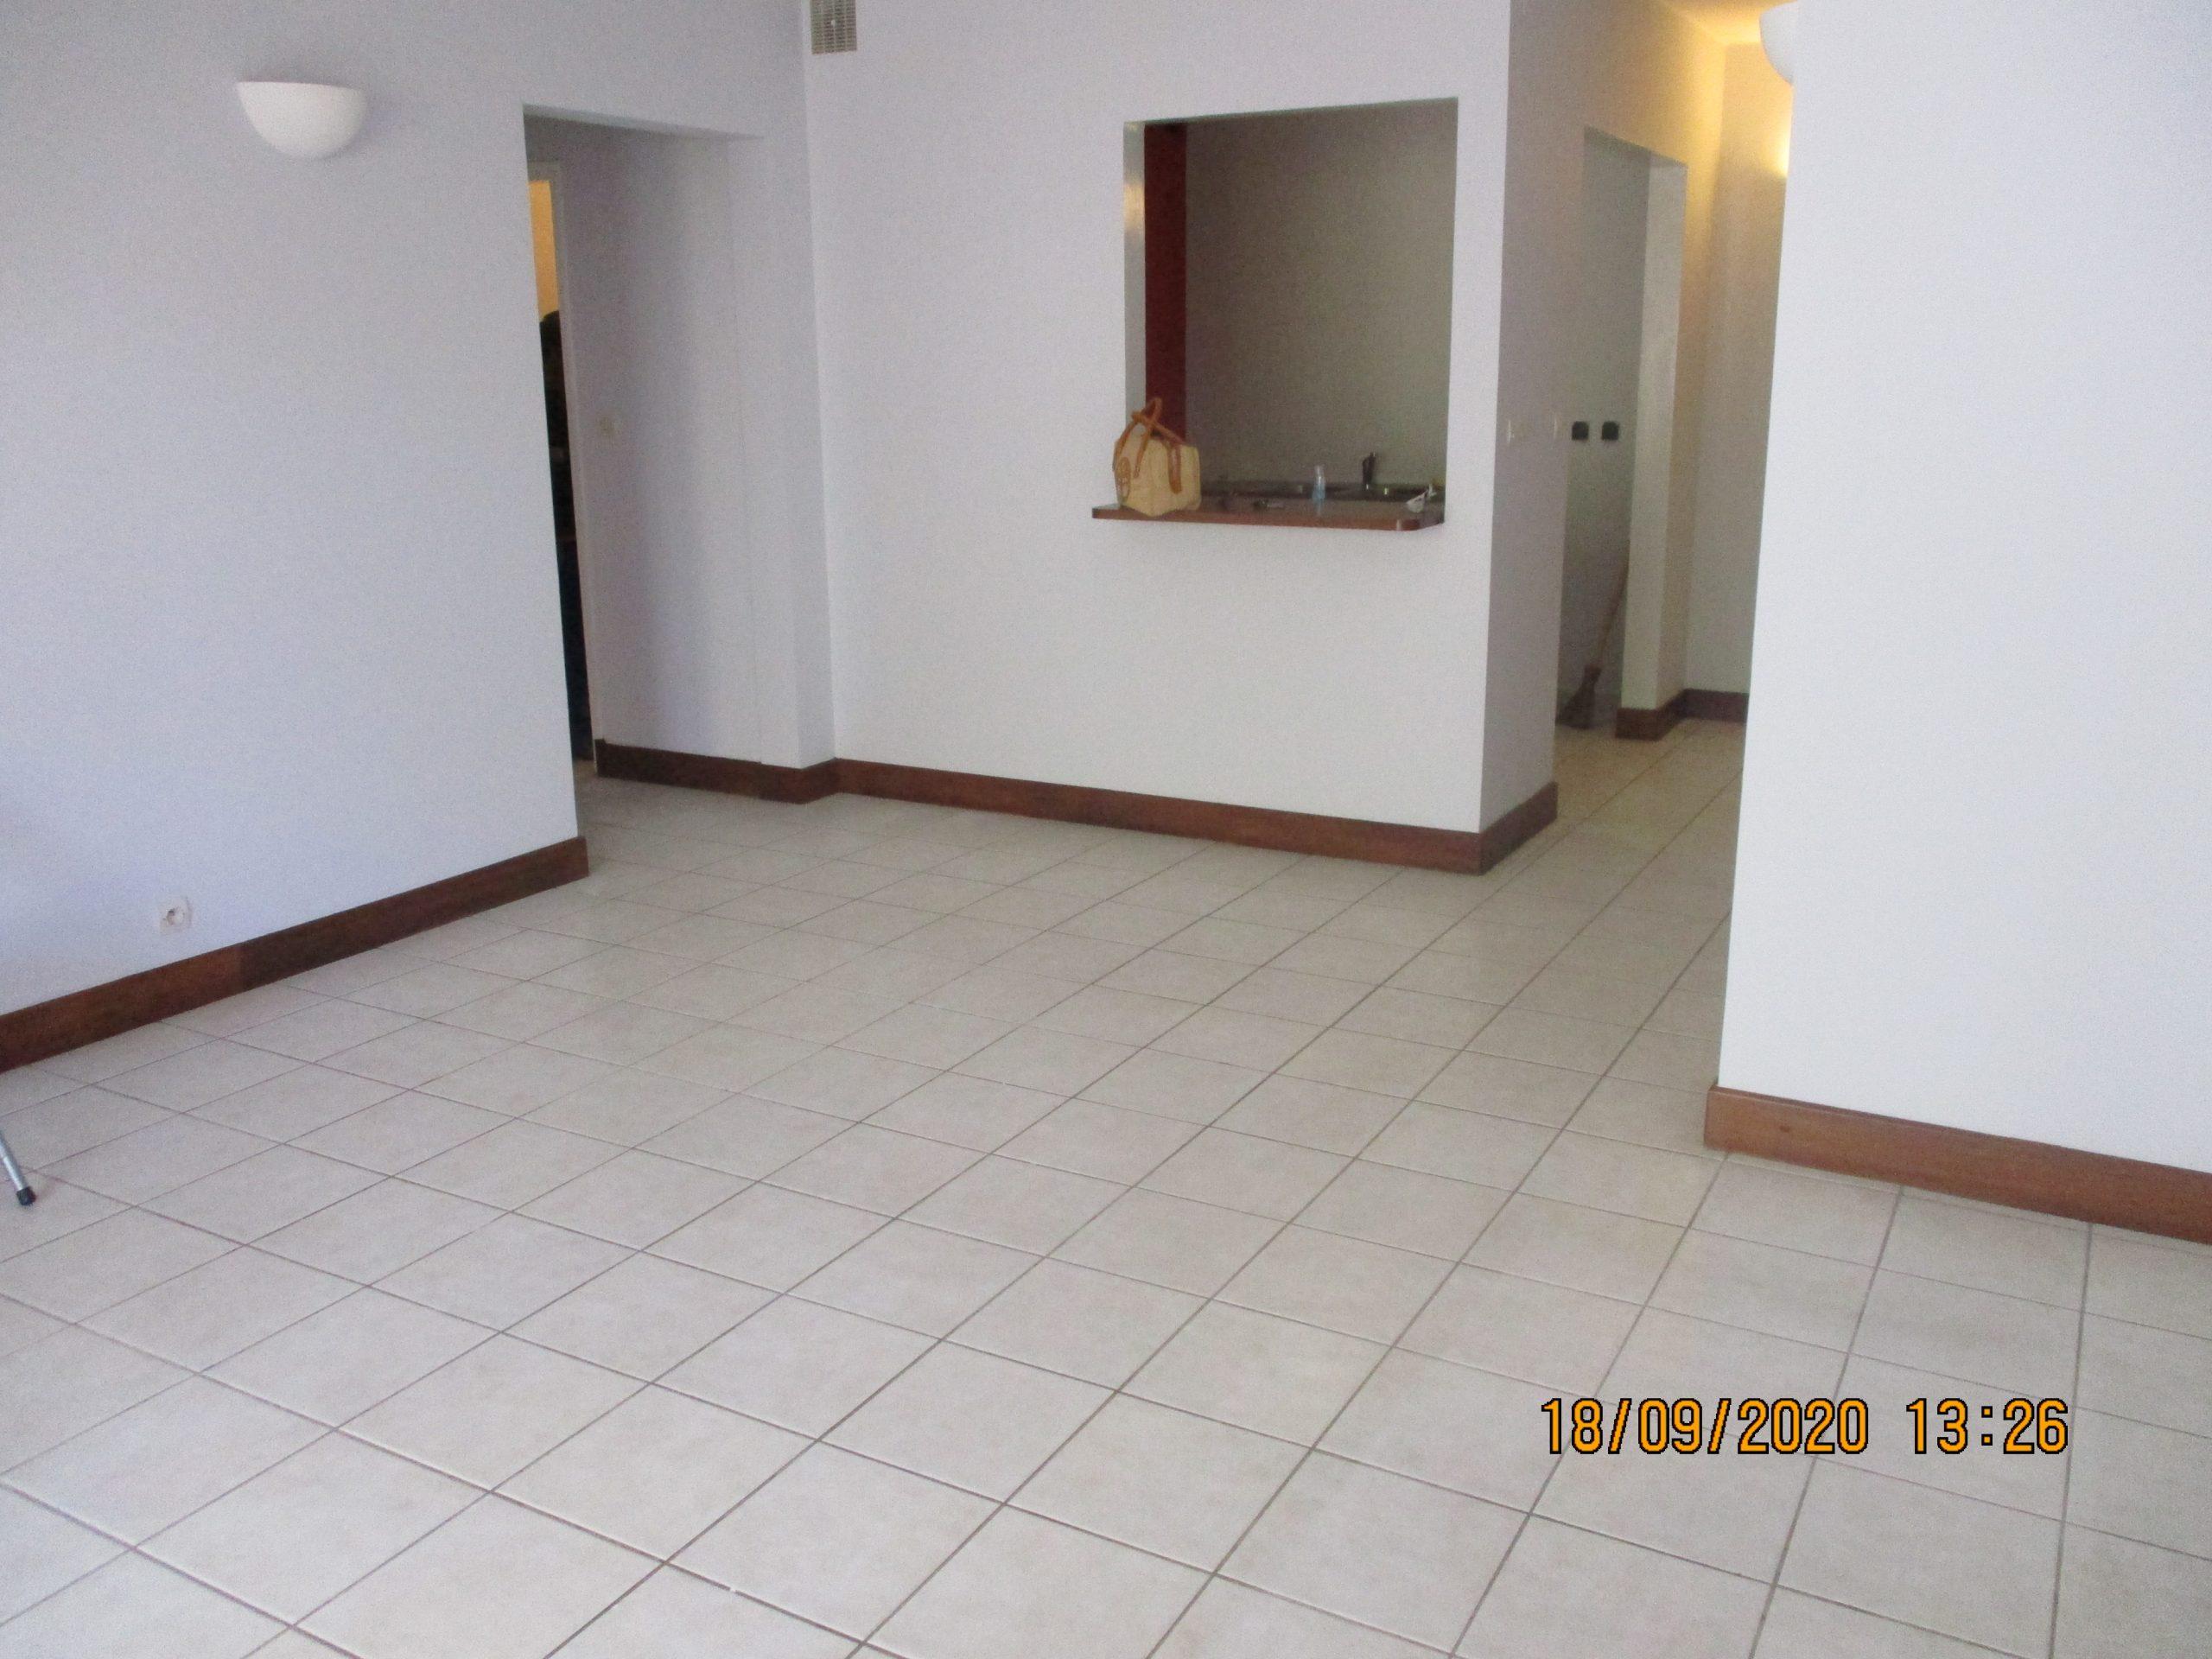 Appartement T3, à l'étage, 76 m2, Mahamasina, LA 3861